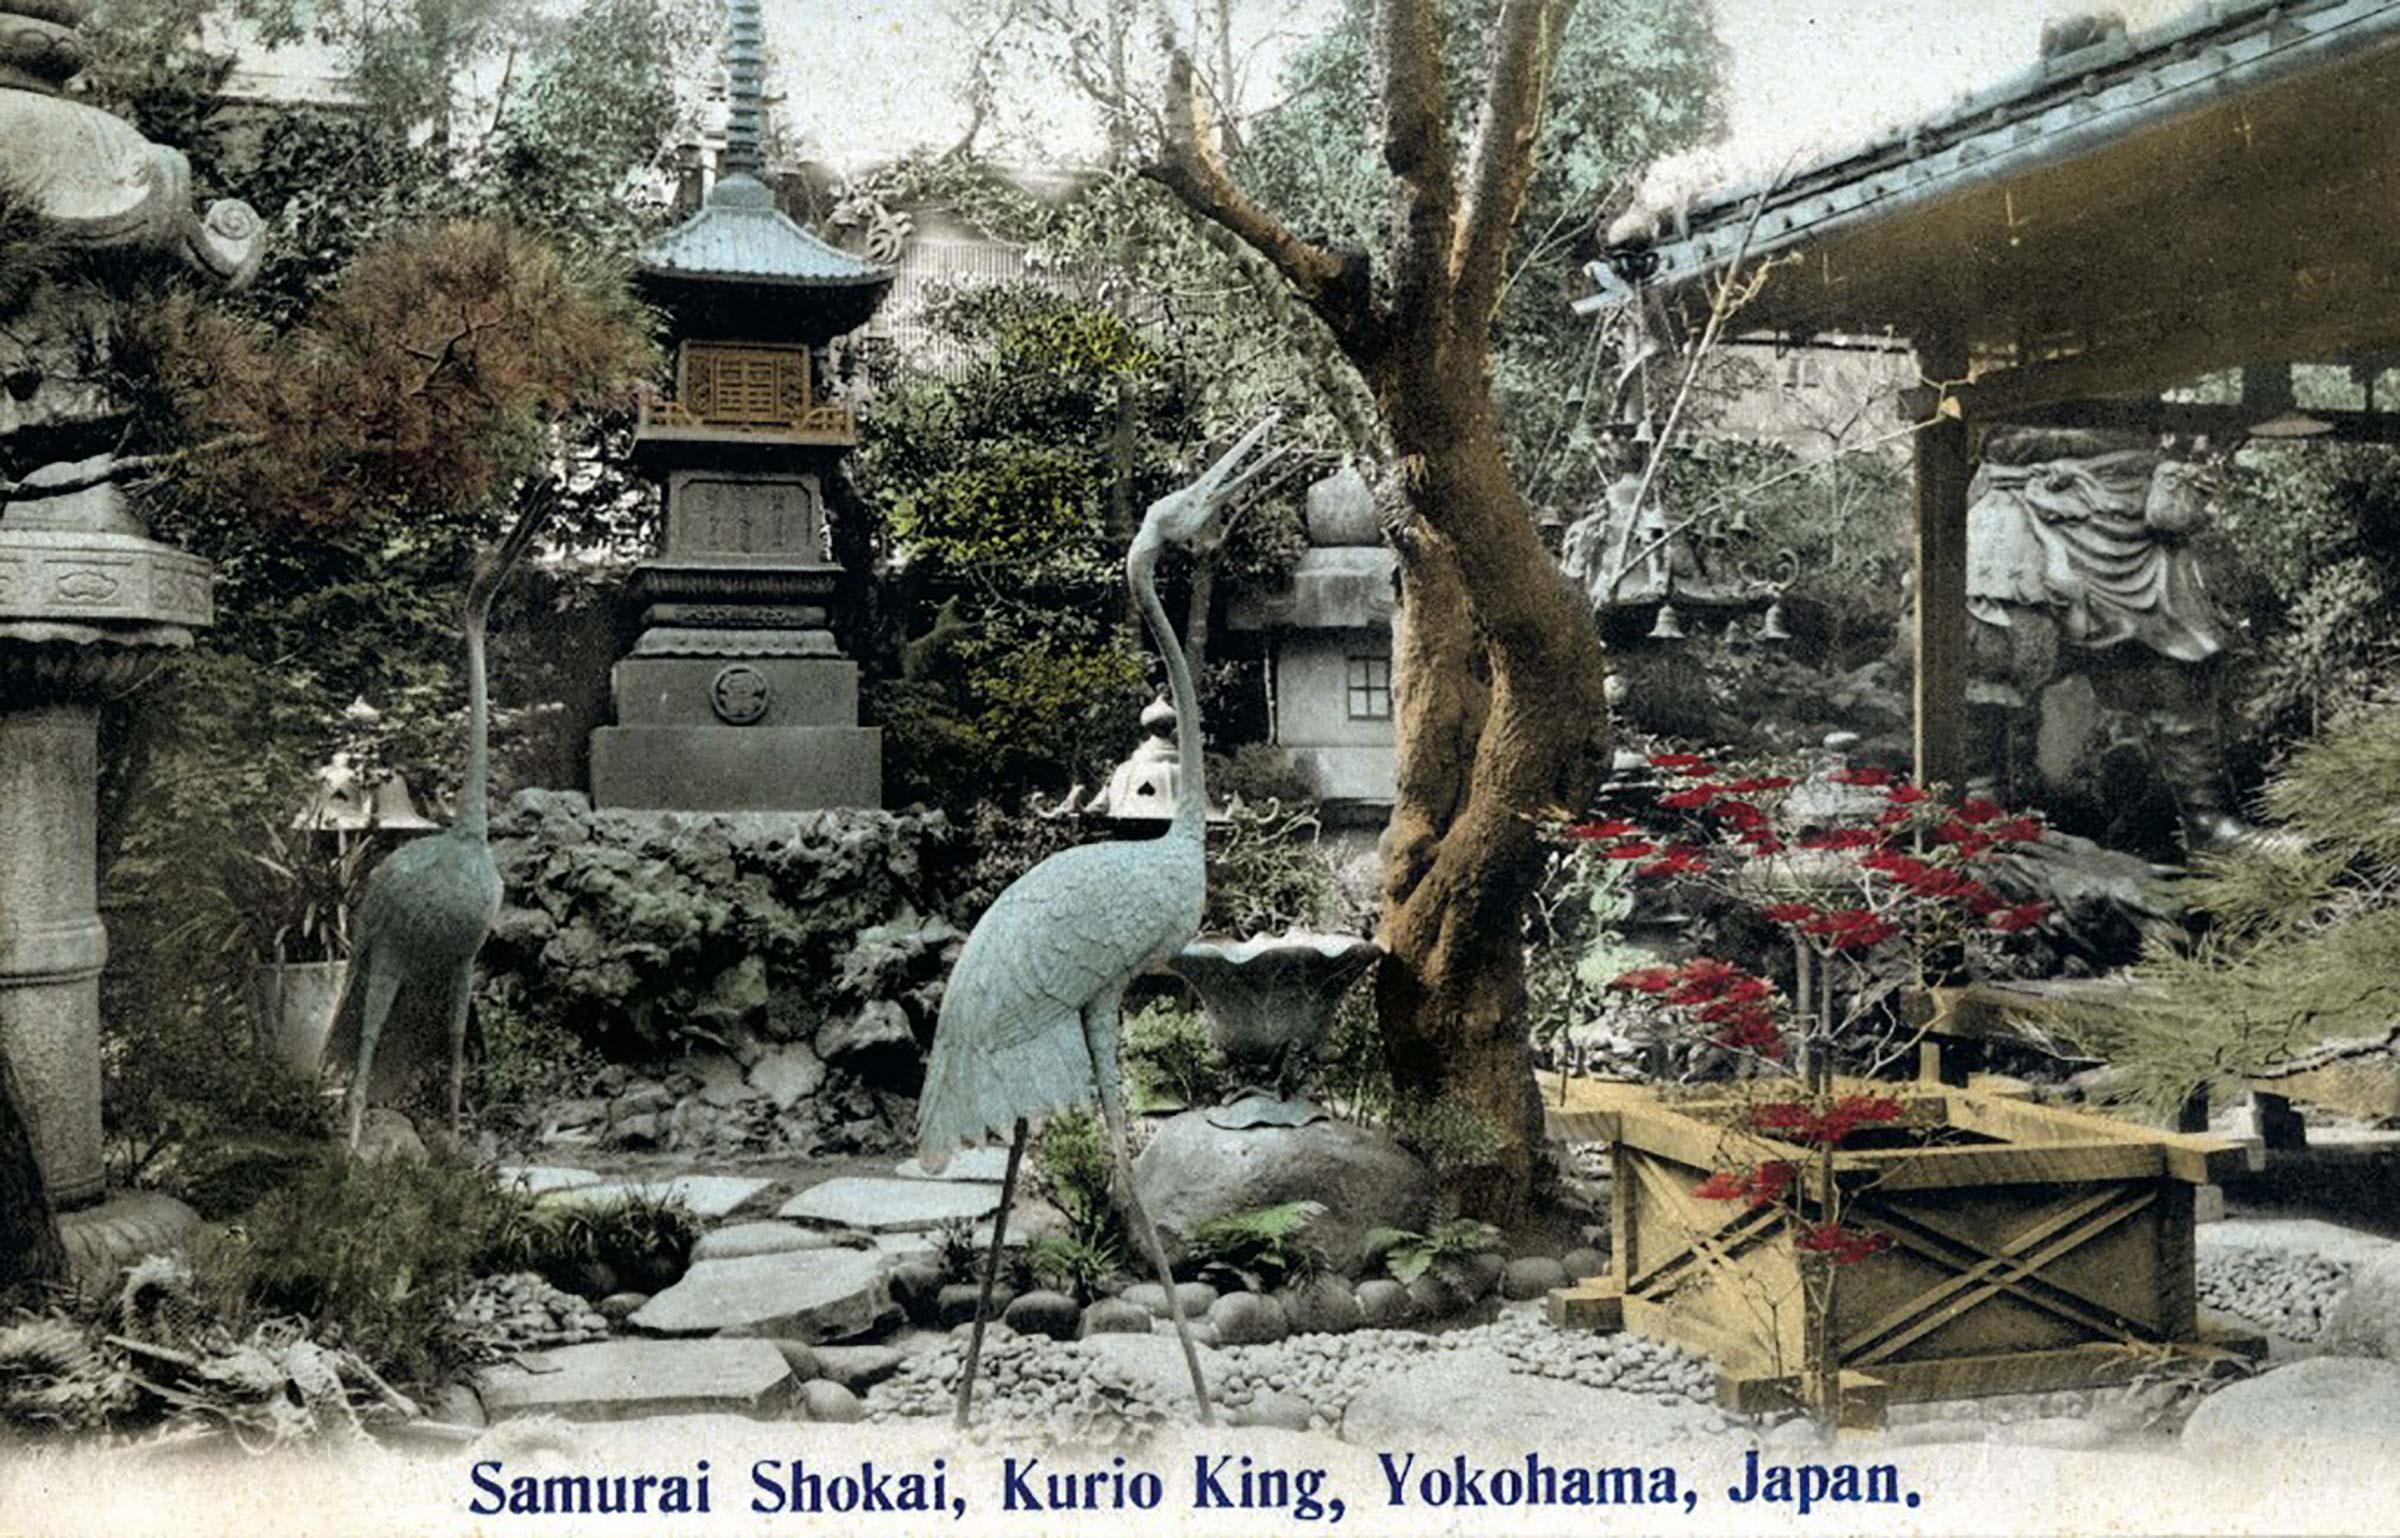 Samurai Shokai Garden